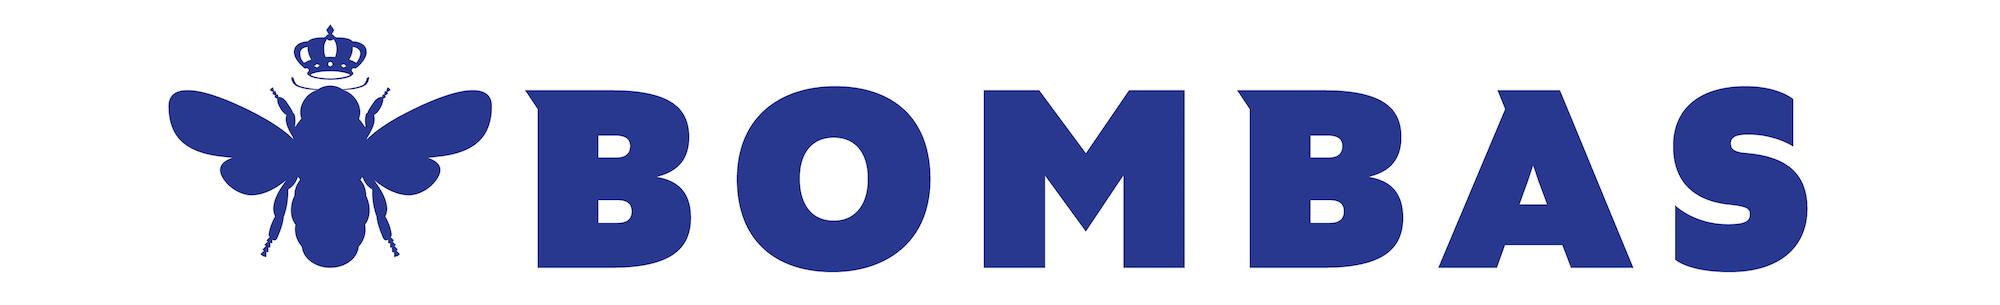 Bombas_Logo_Left_Blue-1.jpg